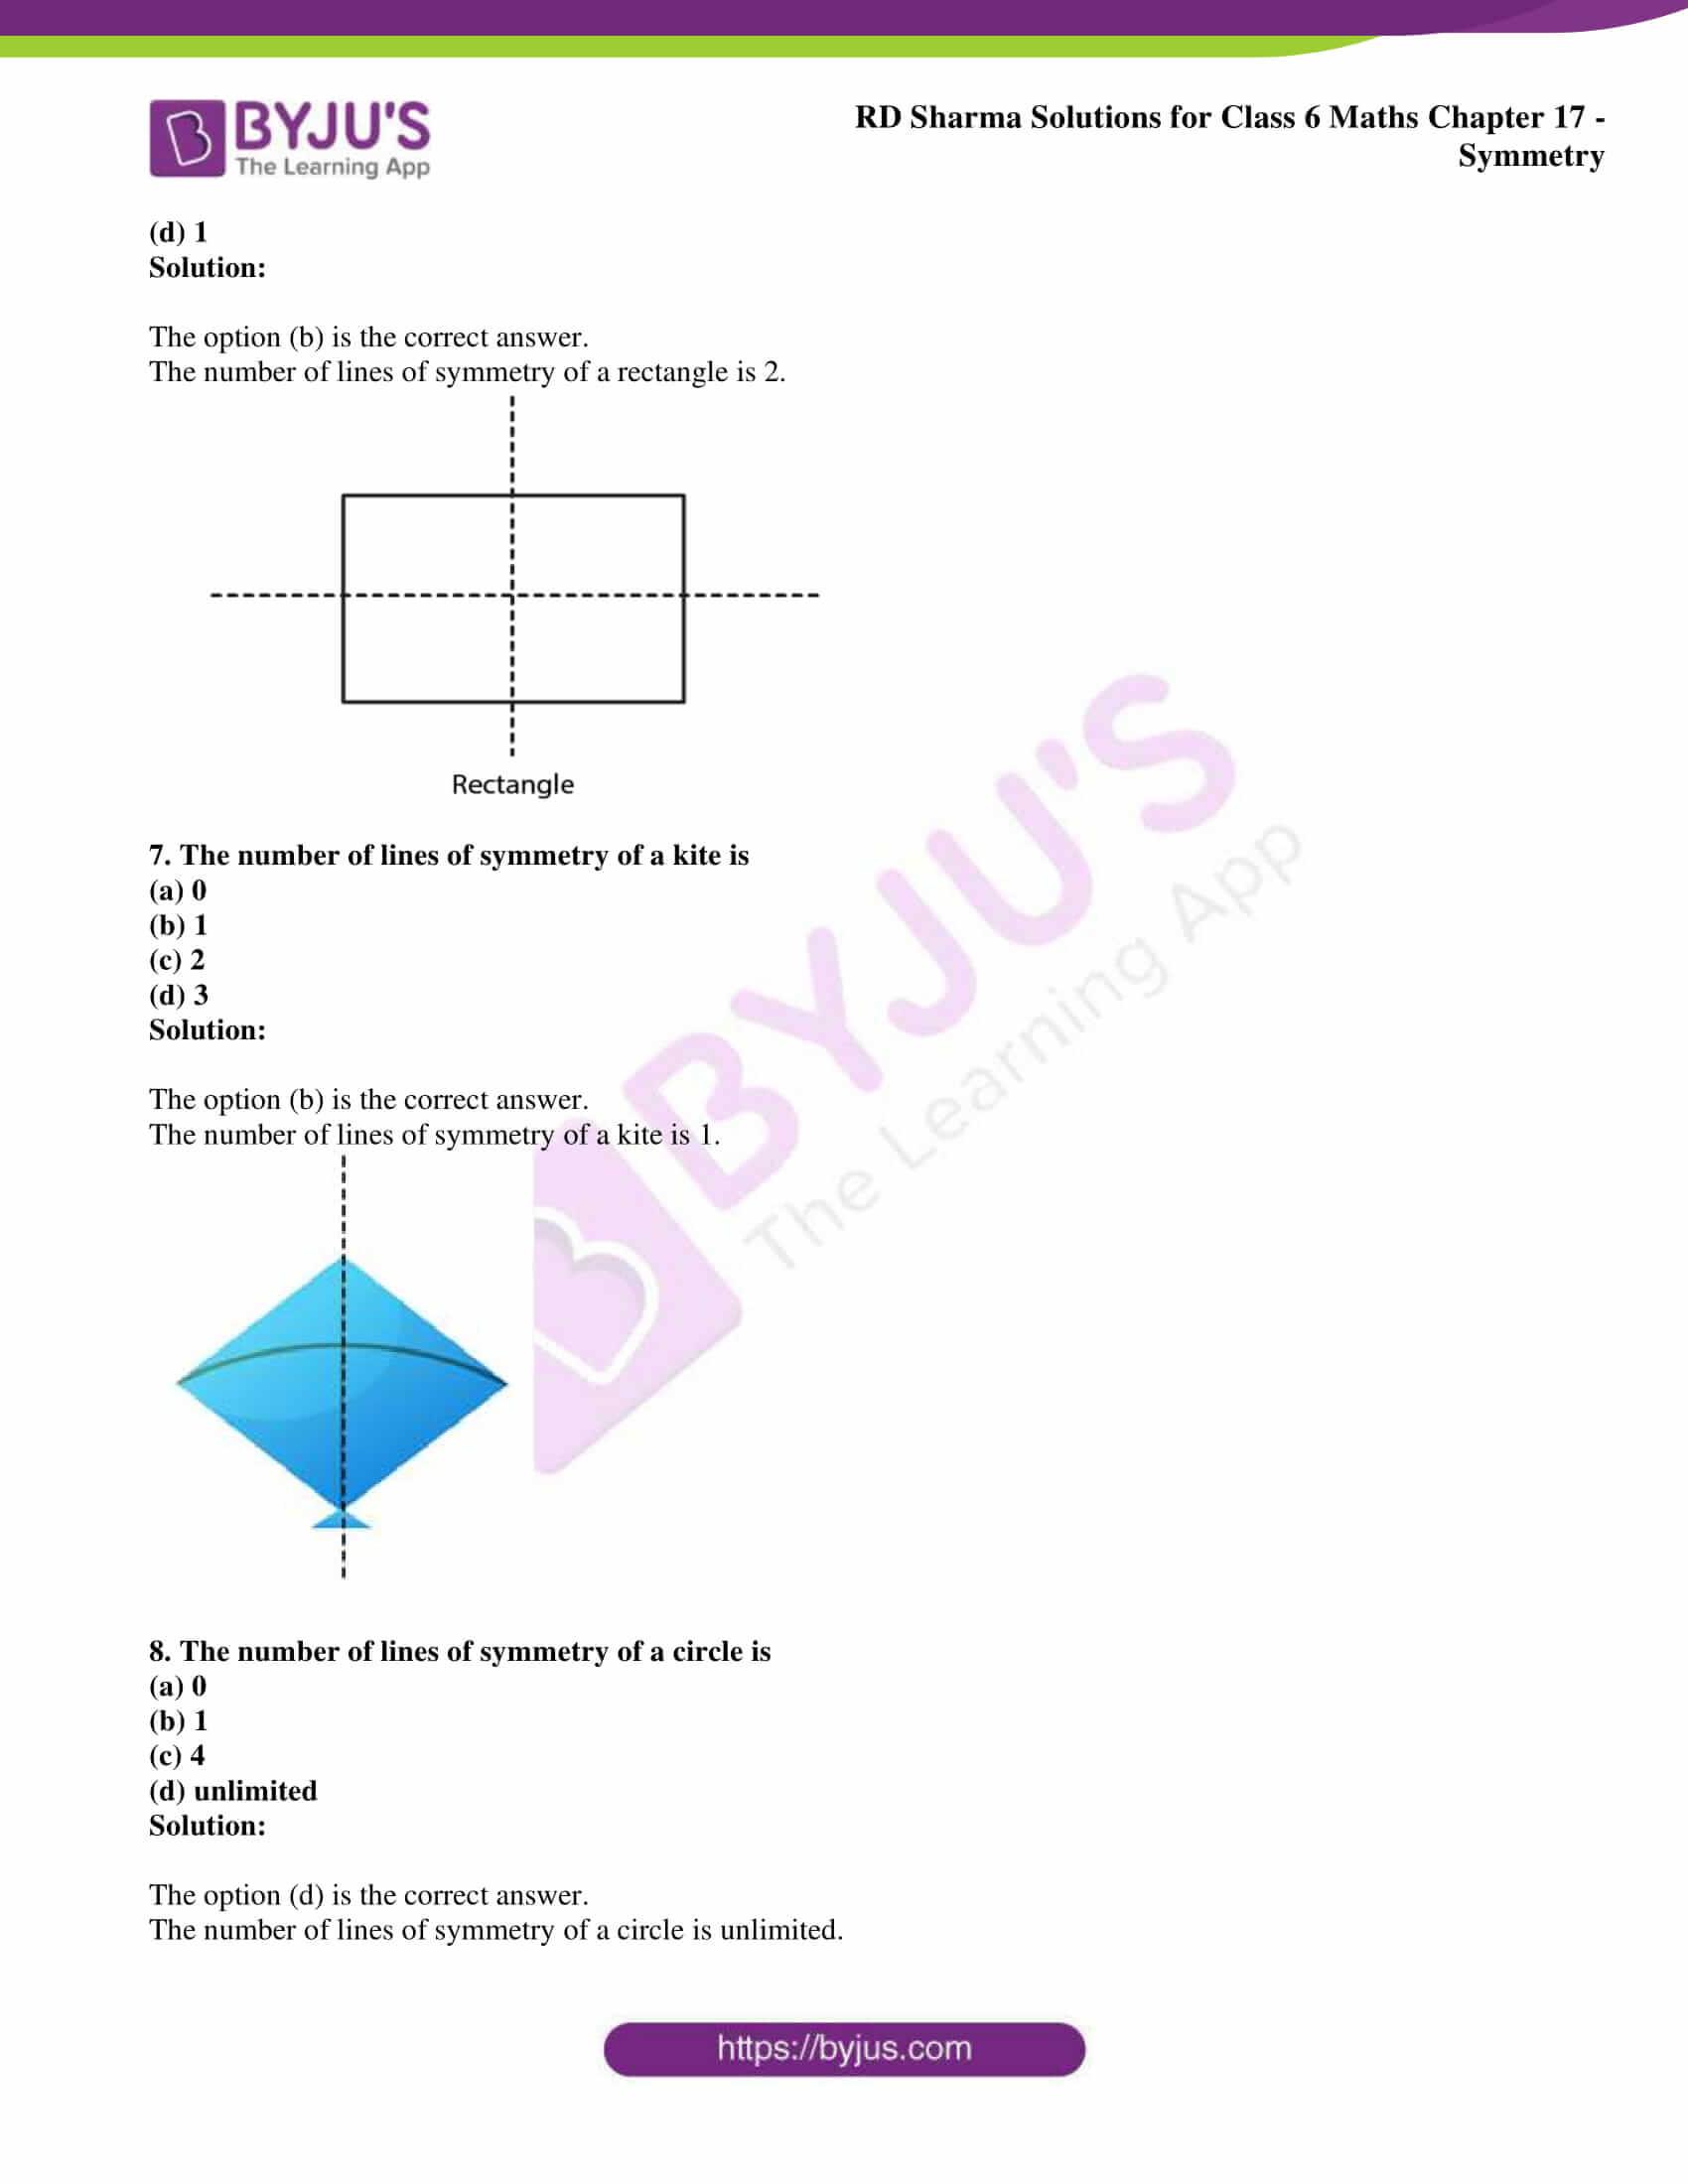 rd sharma solutions class 6 maths chapter 17